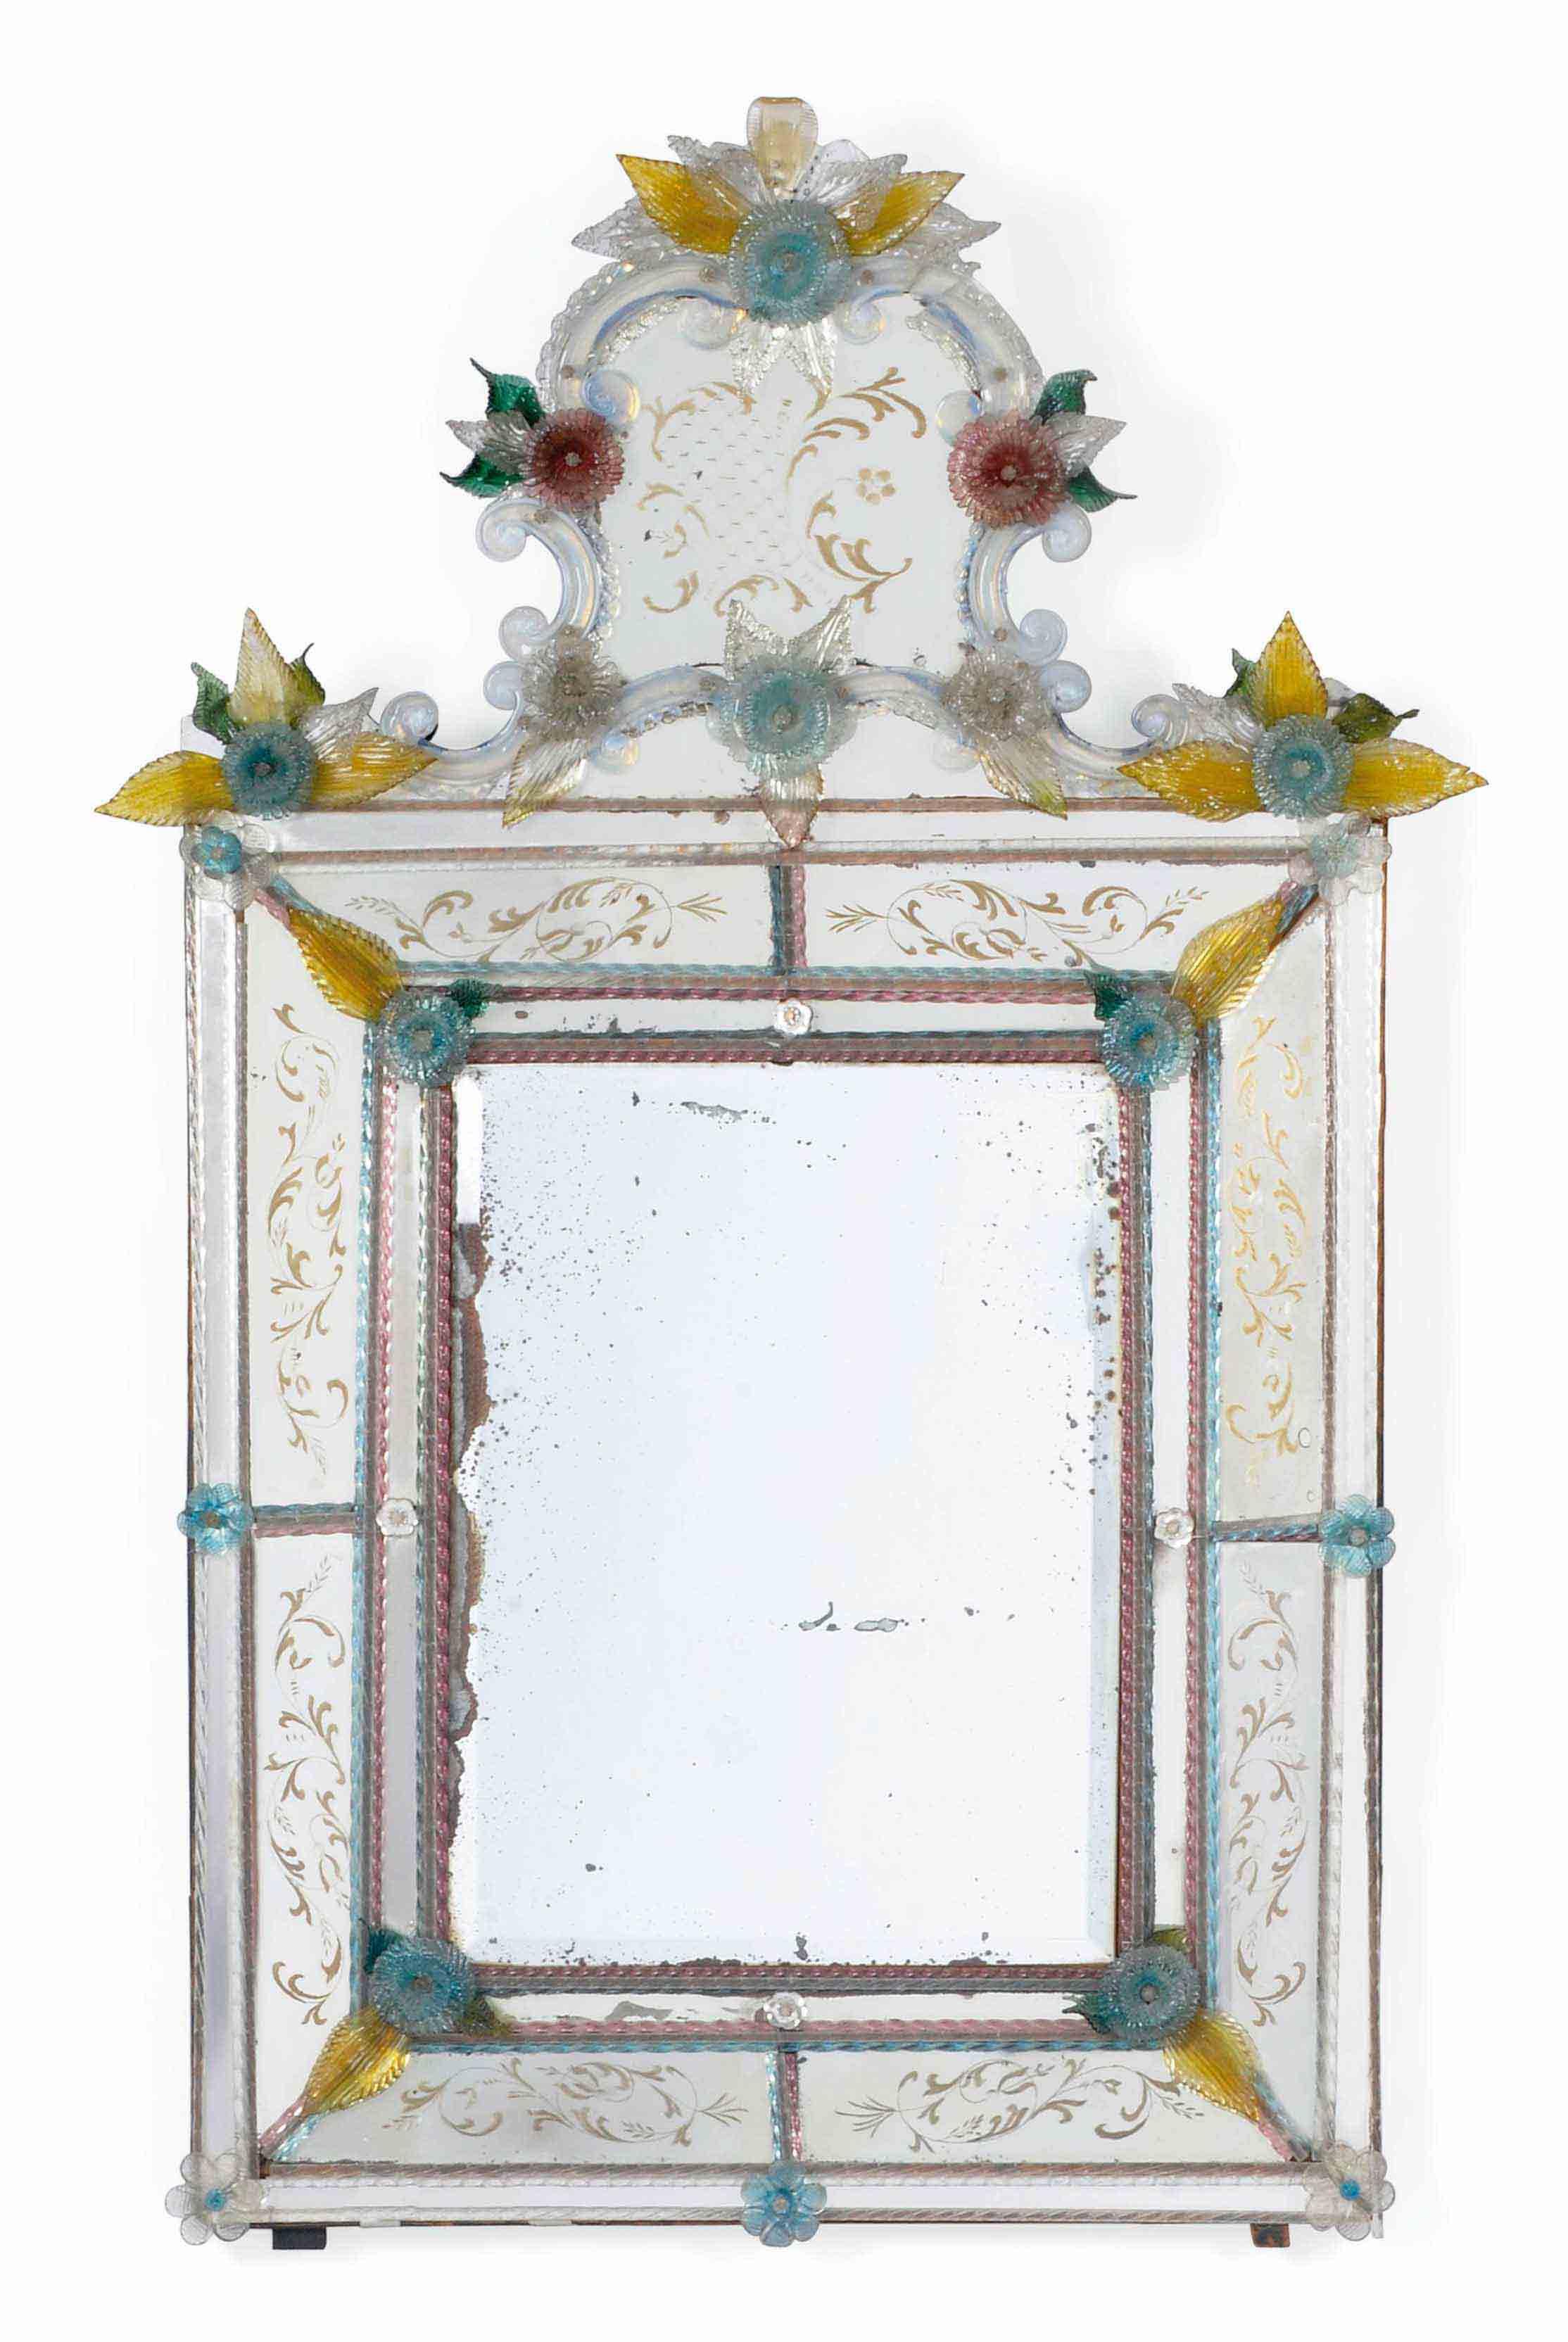 AN ITALIAN COLOURED GLASS MARGINAL MIRROR